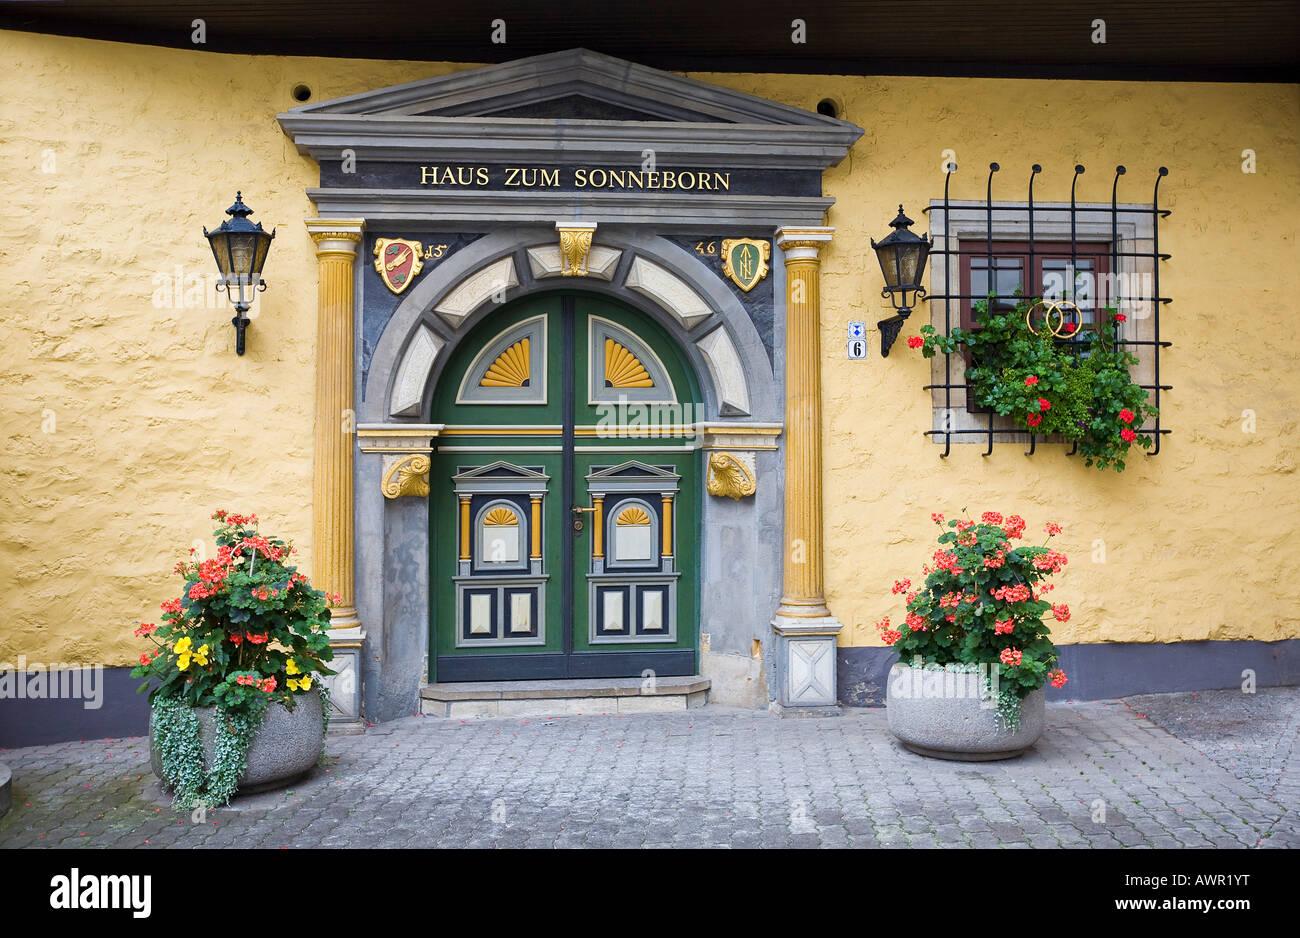 Haus Zum Sonneborn Stockfotos & Haus Zum Sonneborn Bilder - Alamy